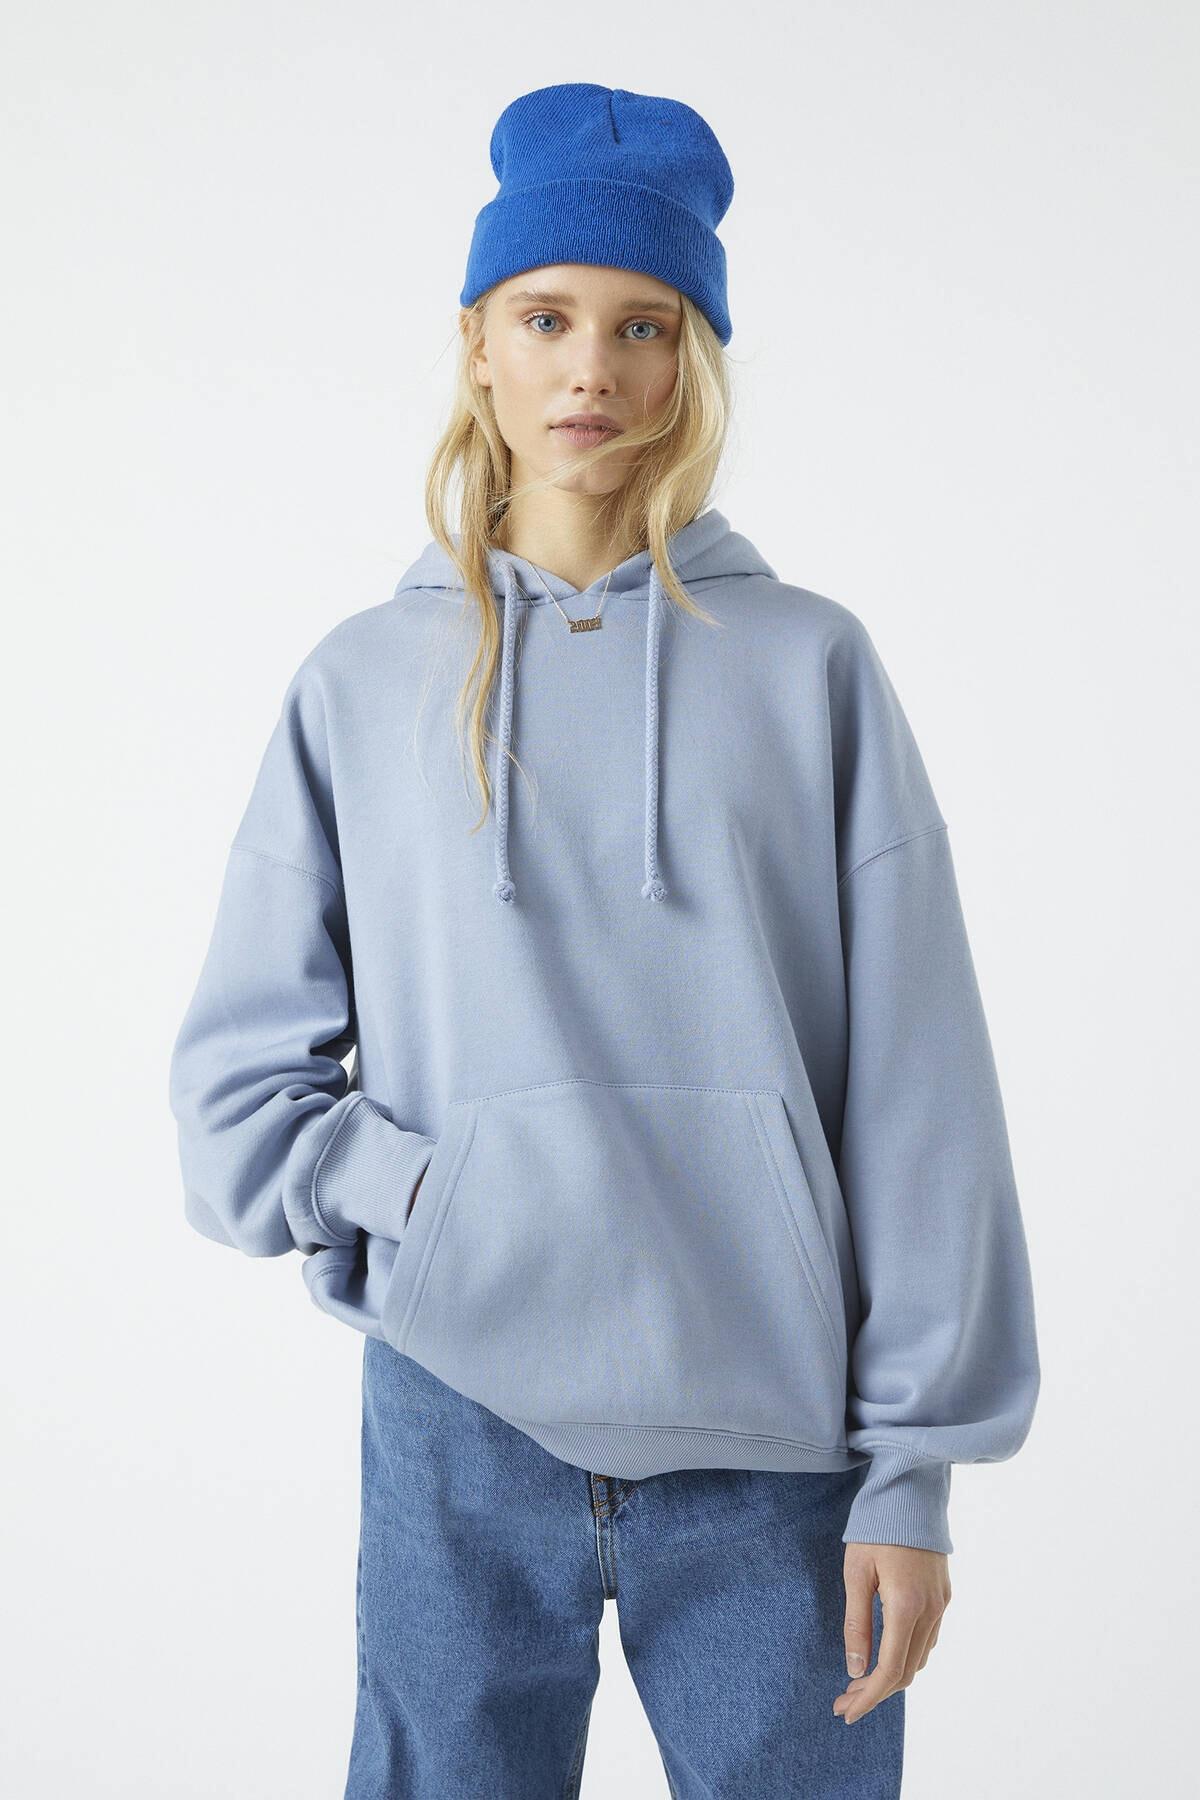 Pull & Bear Kadın Mavi Basic Oversize Kapüşonlu Sweatshirt 09594362